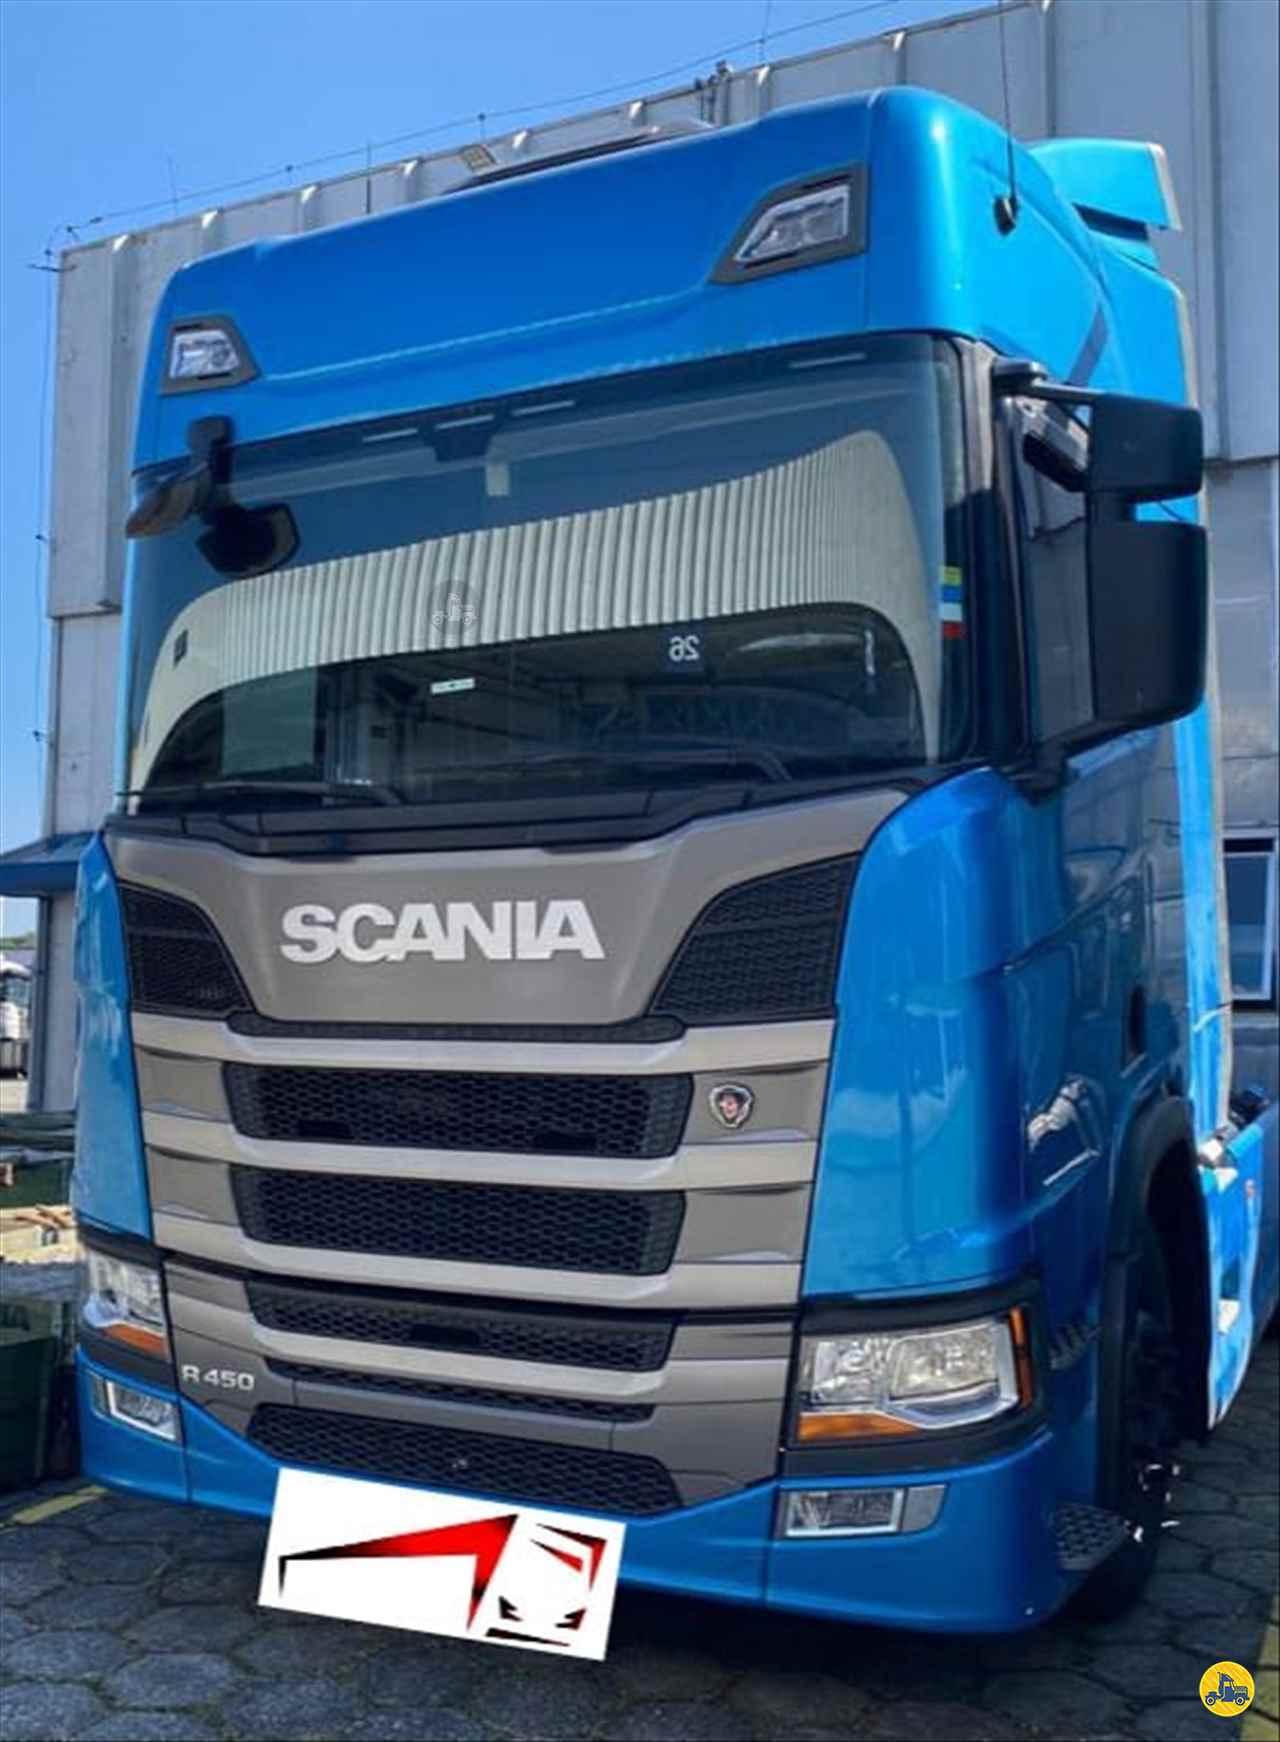 CAMINHAO SCANIA SCANIA 450 Chassis Truck 6x2 Mugen Caminhões GUARULHOS SÃO PAULO SP